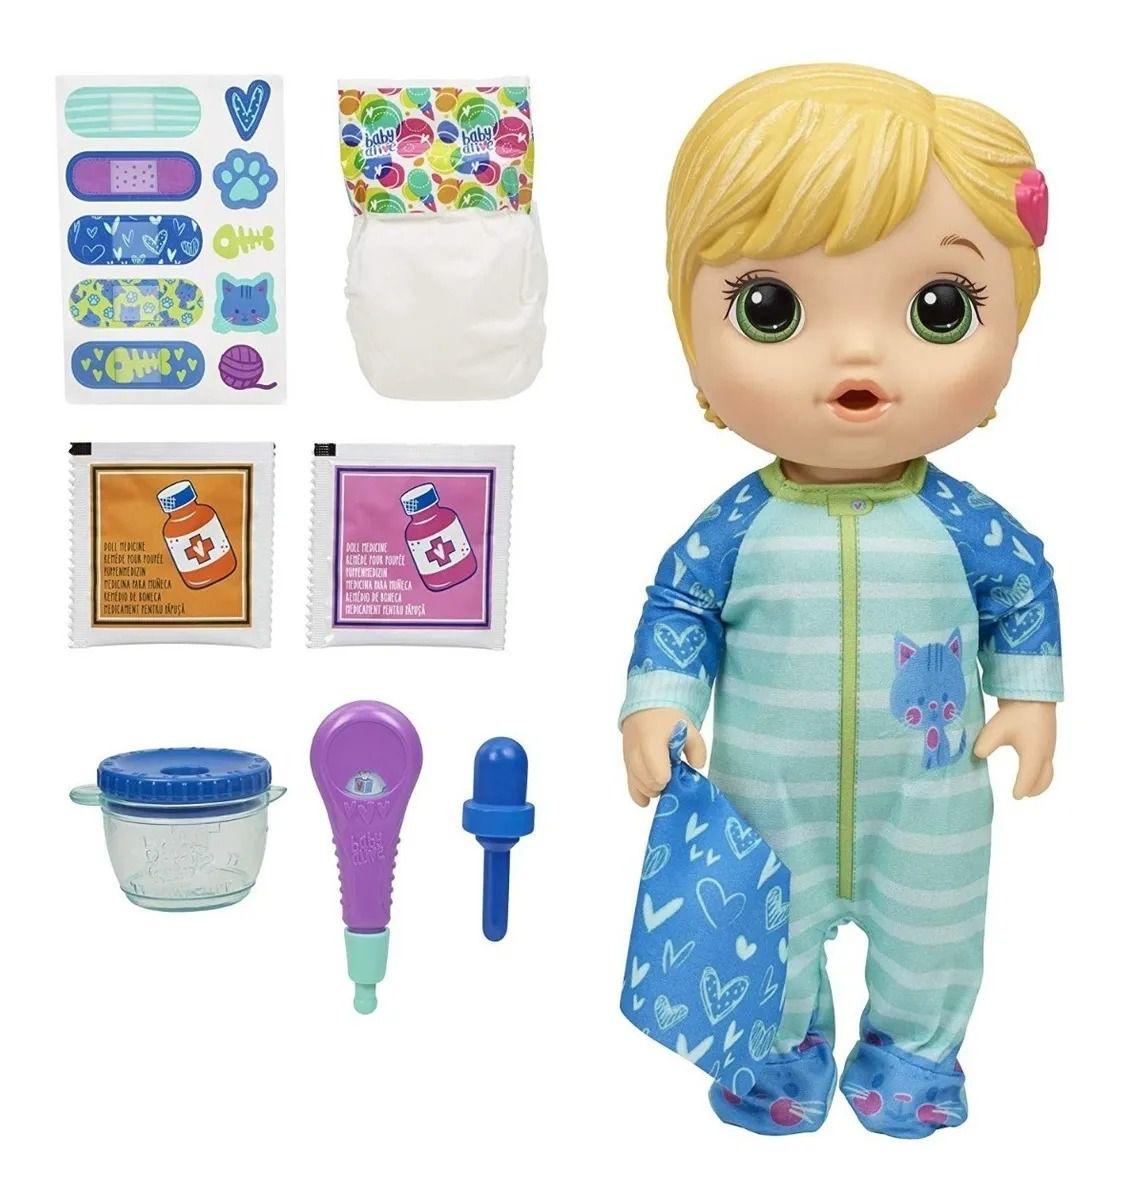 Boneca Baby Alive Aprendendo A Cuidar Loira – Hasbro